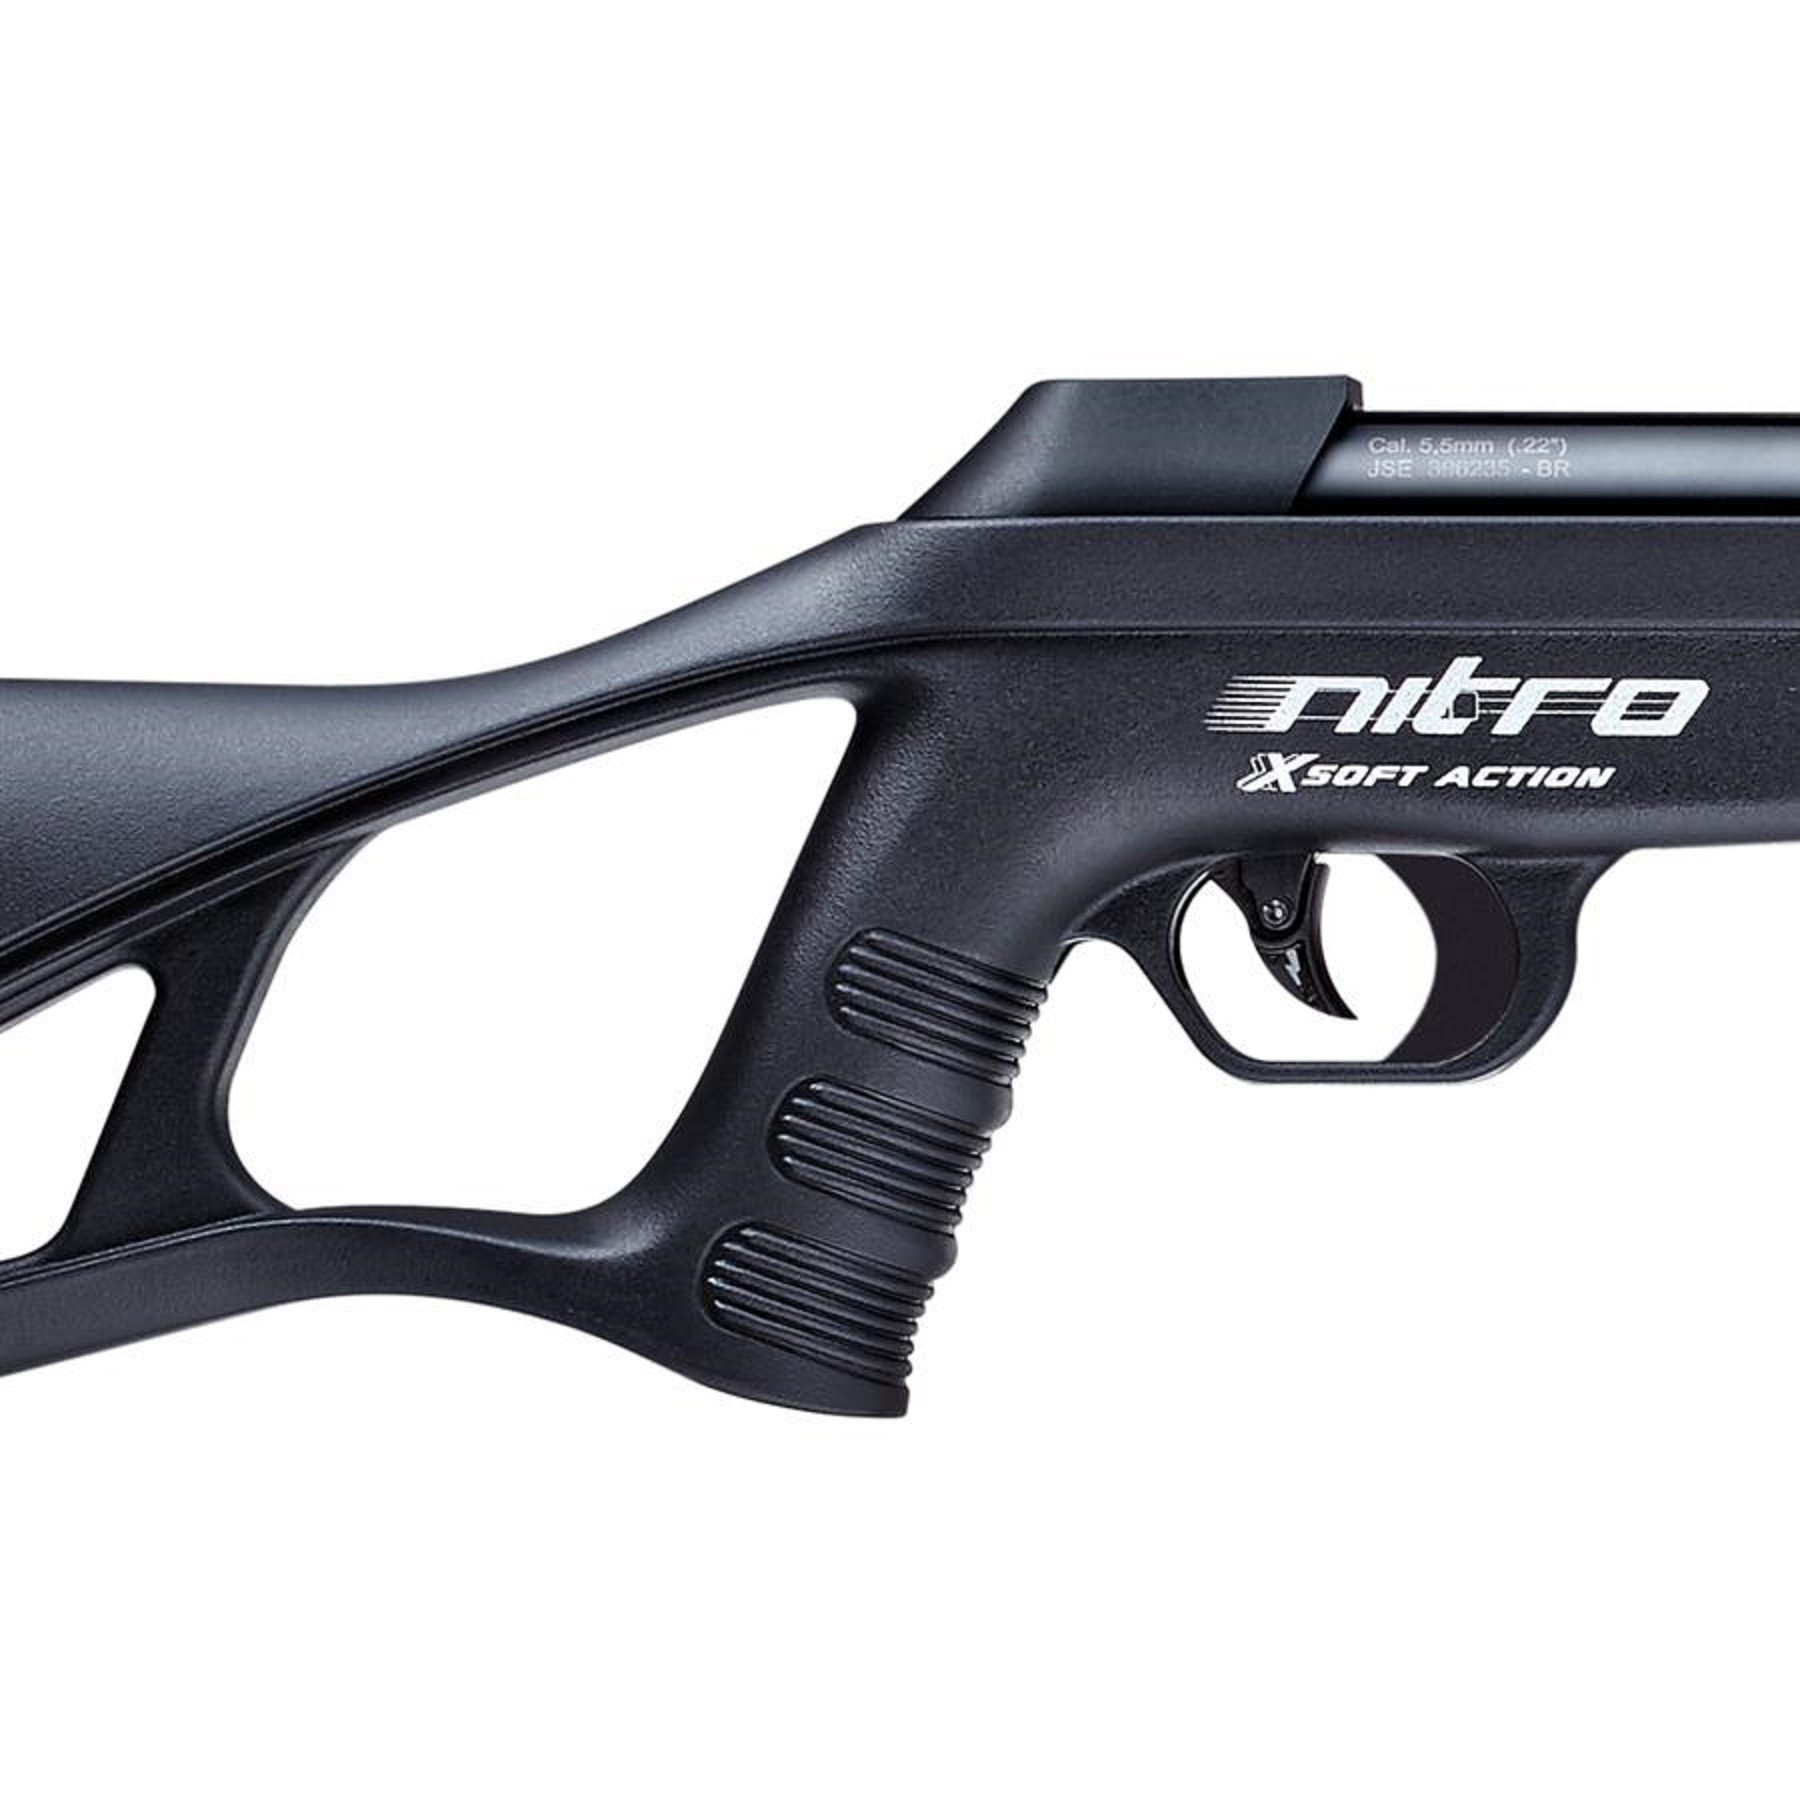 Carabina de Pressão CBC 5.5mm Nitro-X 900 Soft Action Oxidada